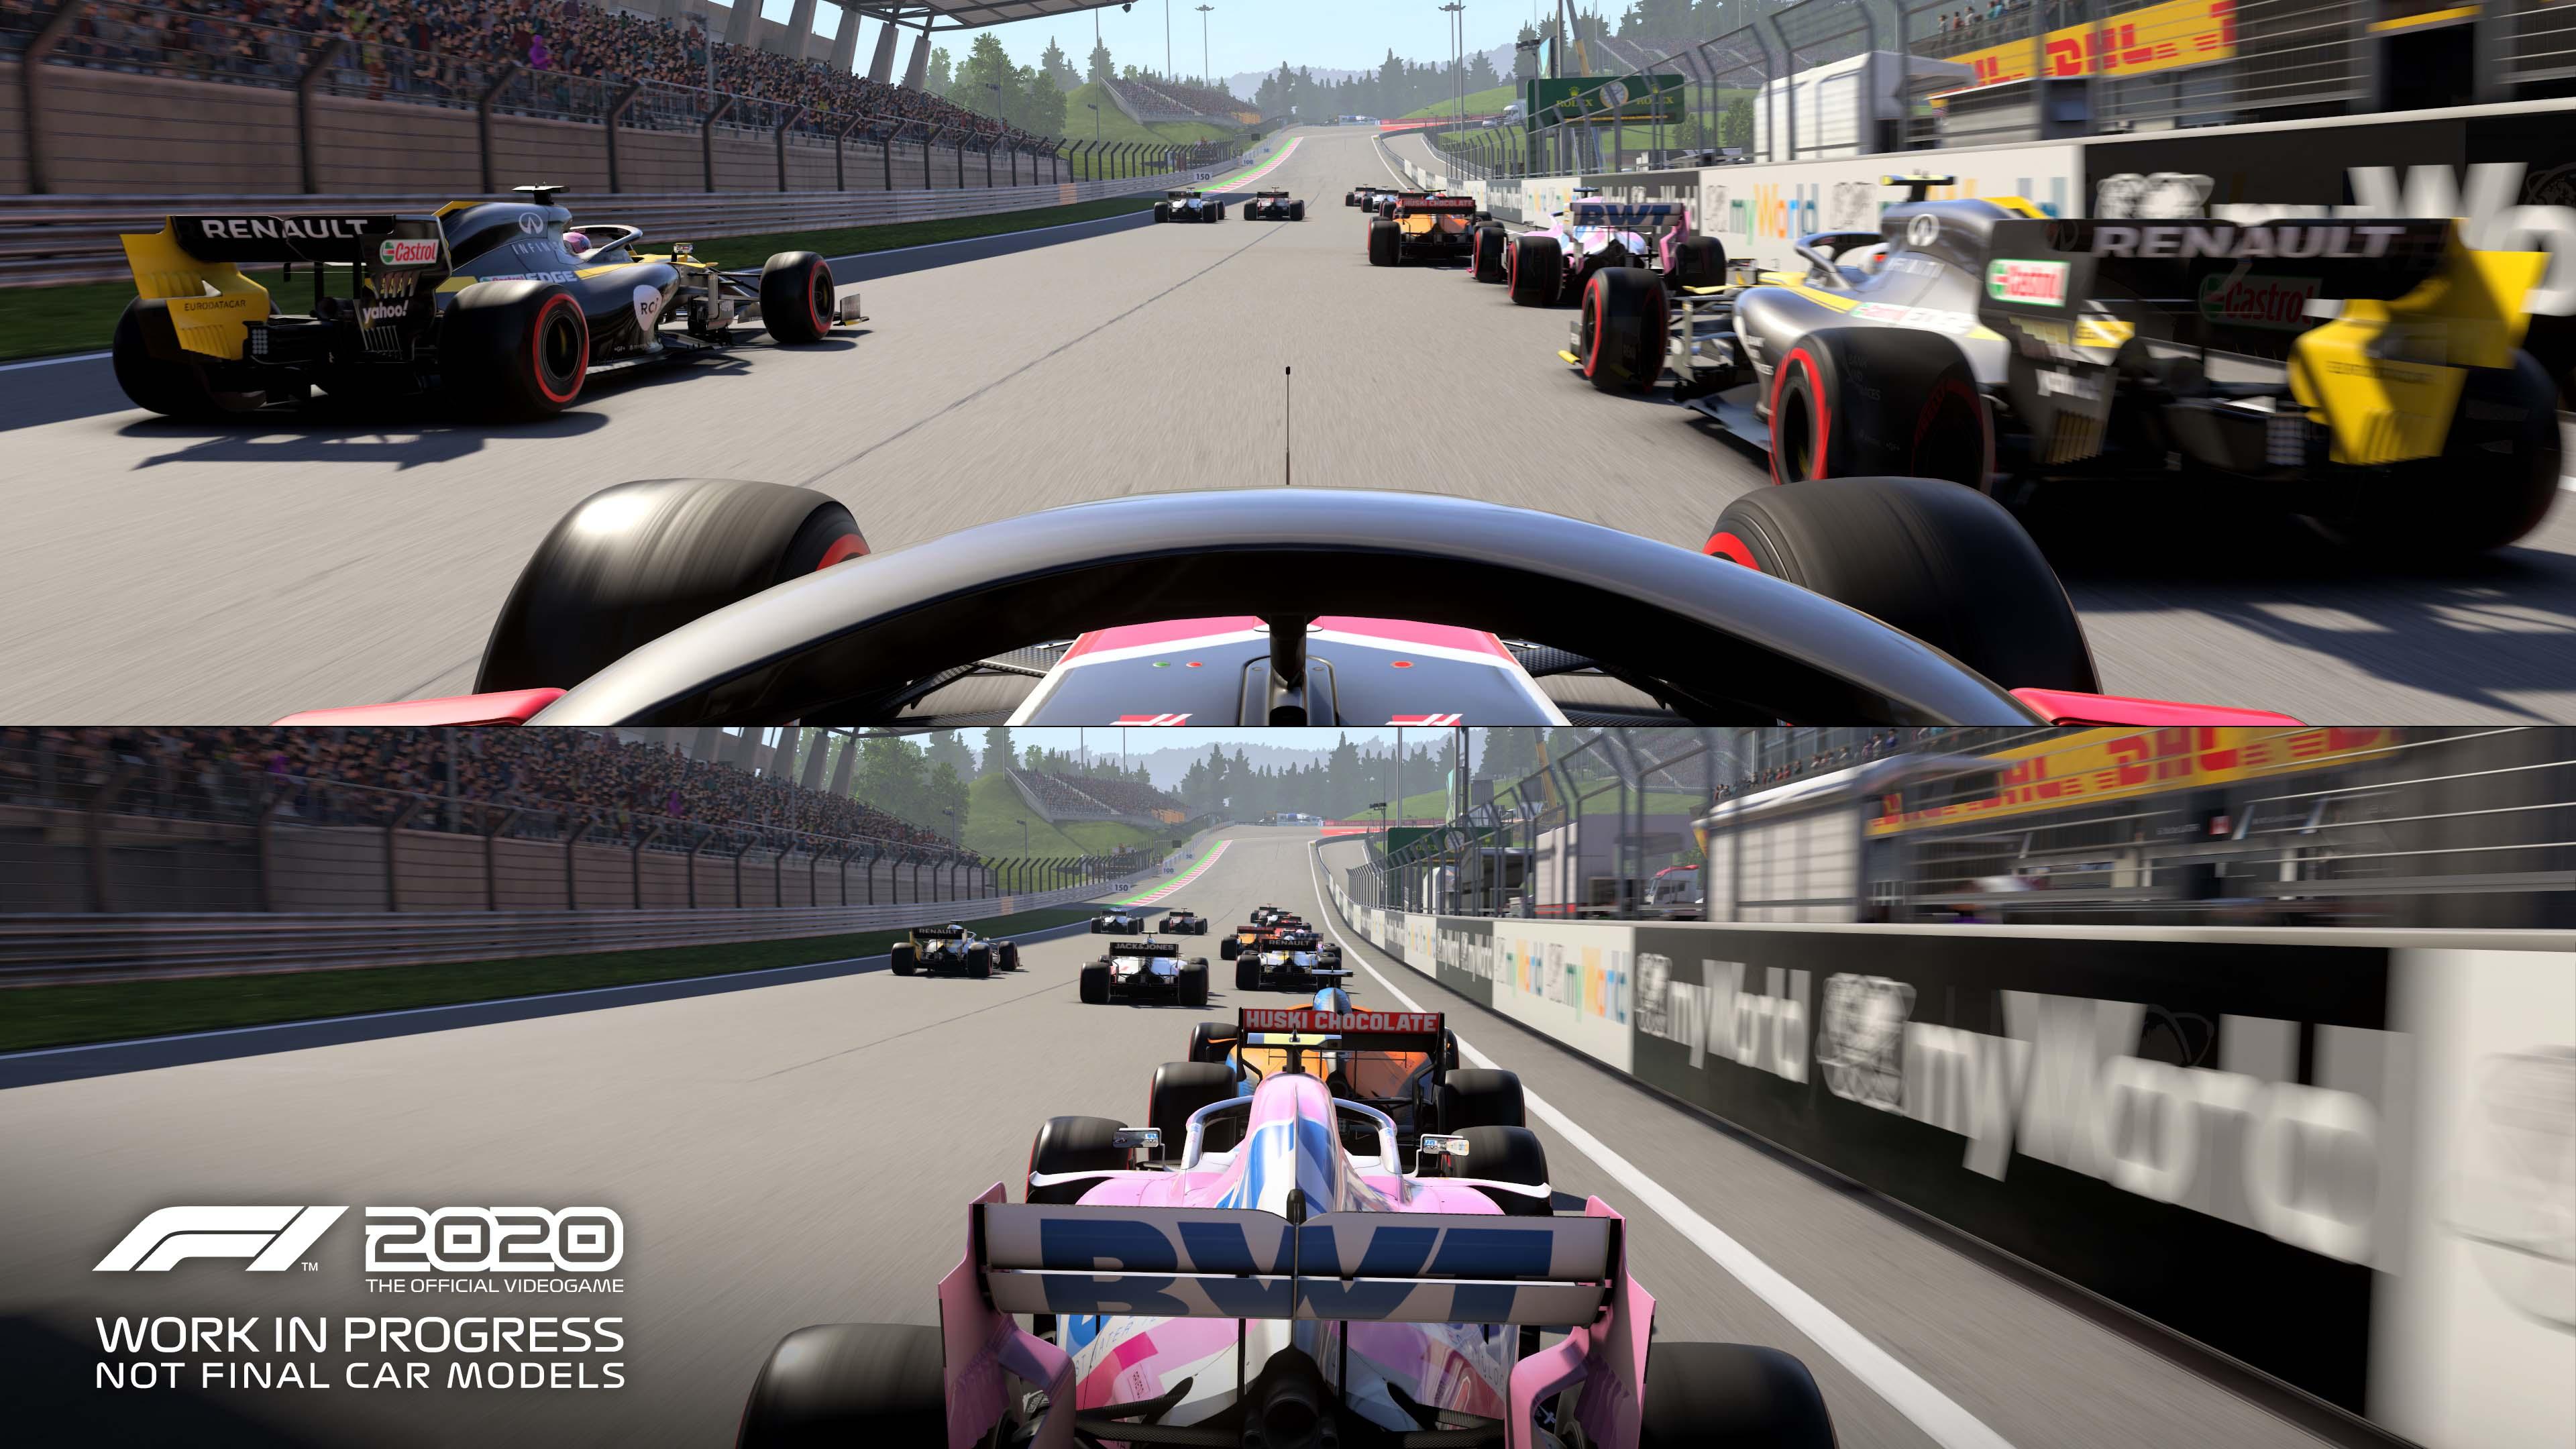 F1 2020 - tryb podzielonego ekranu